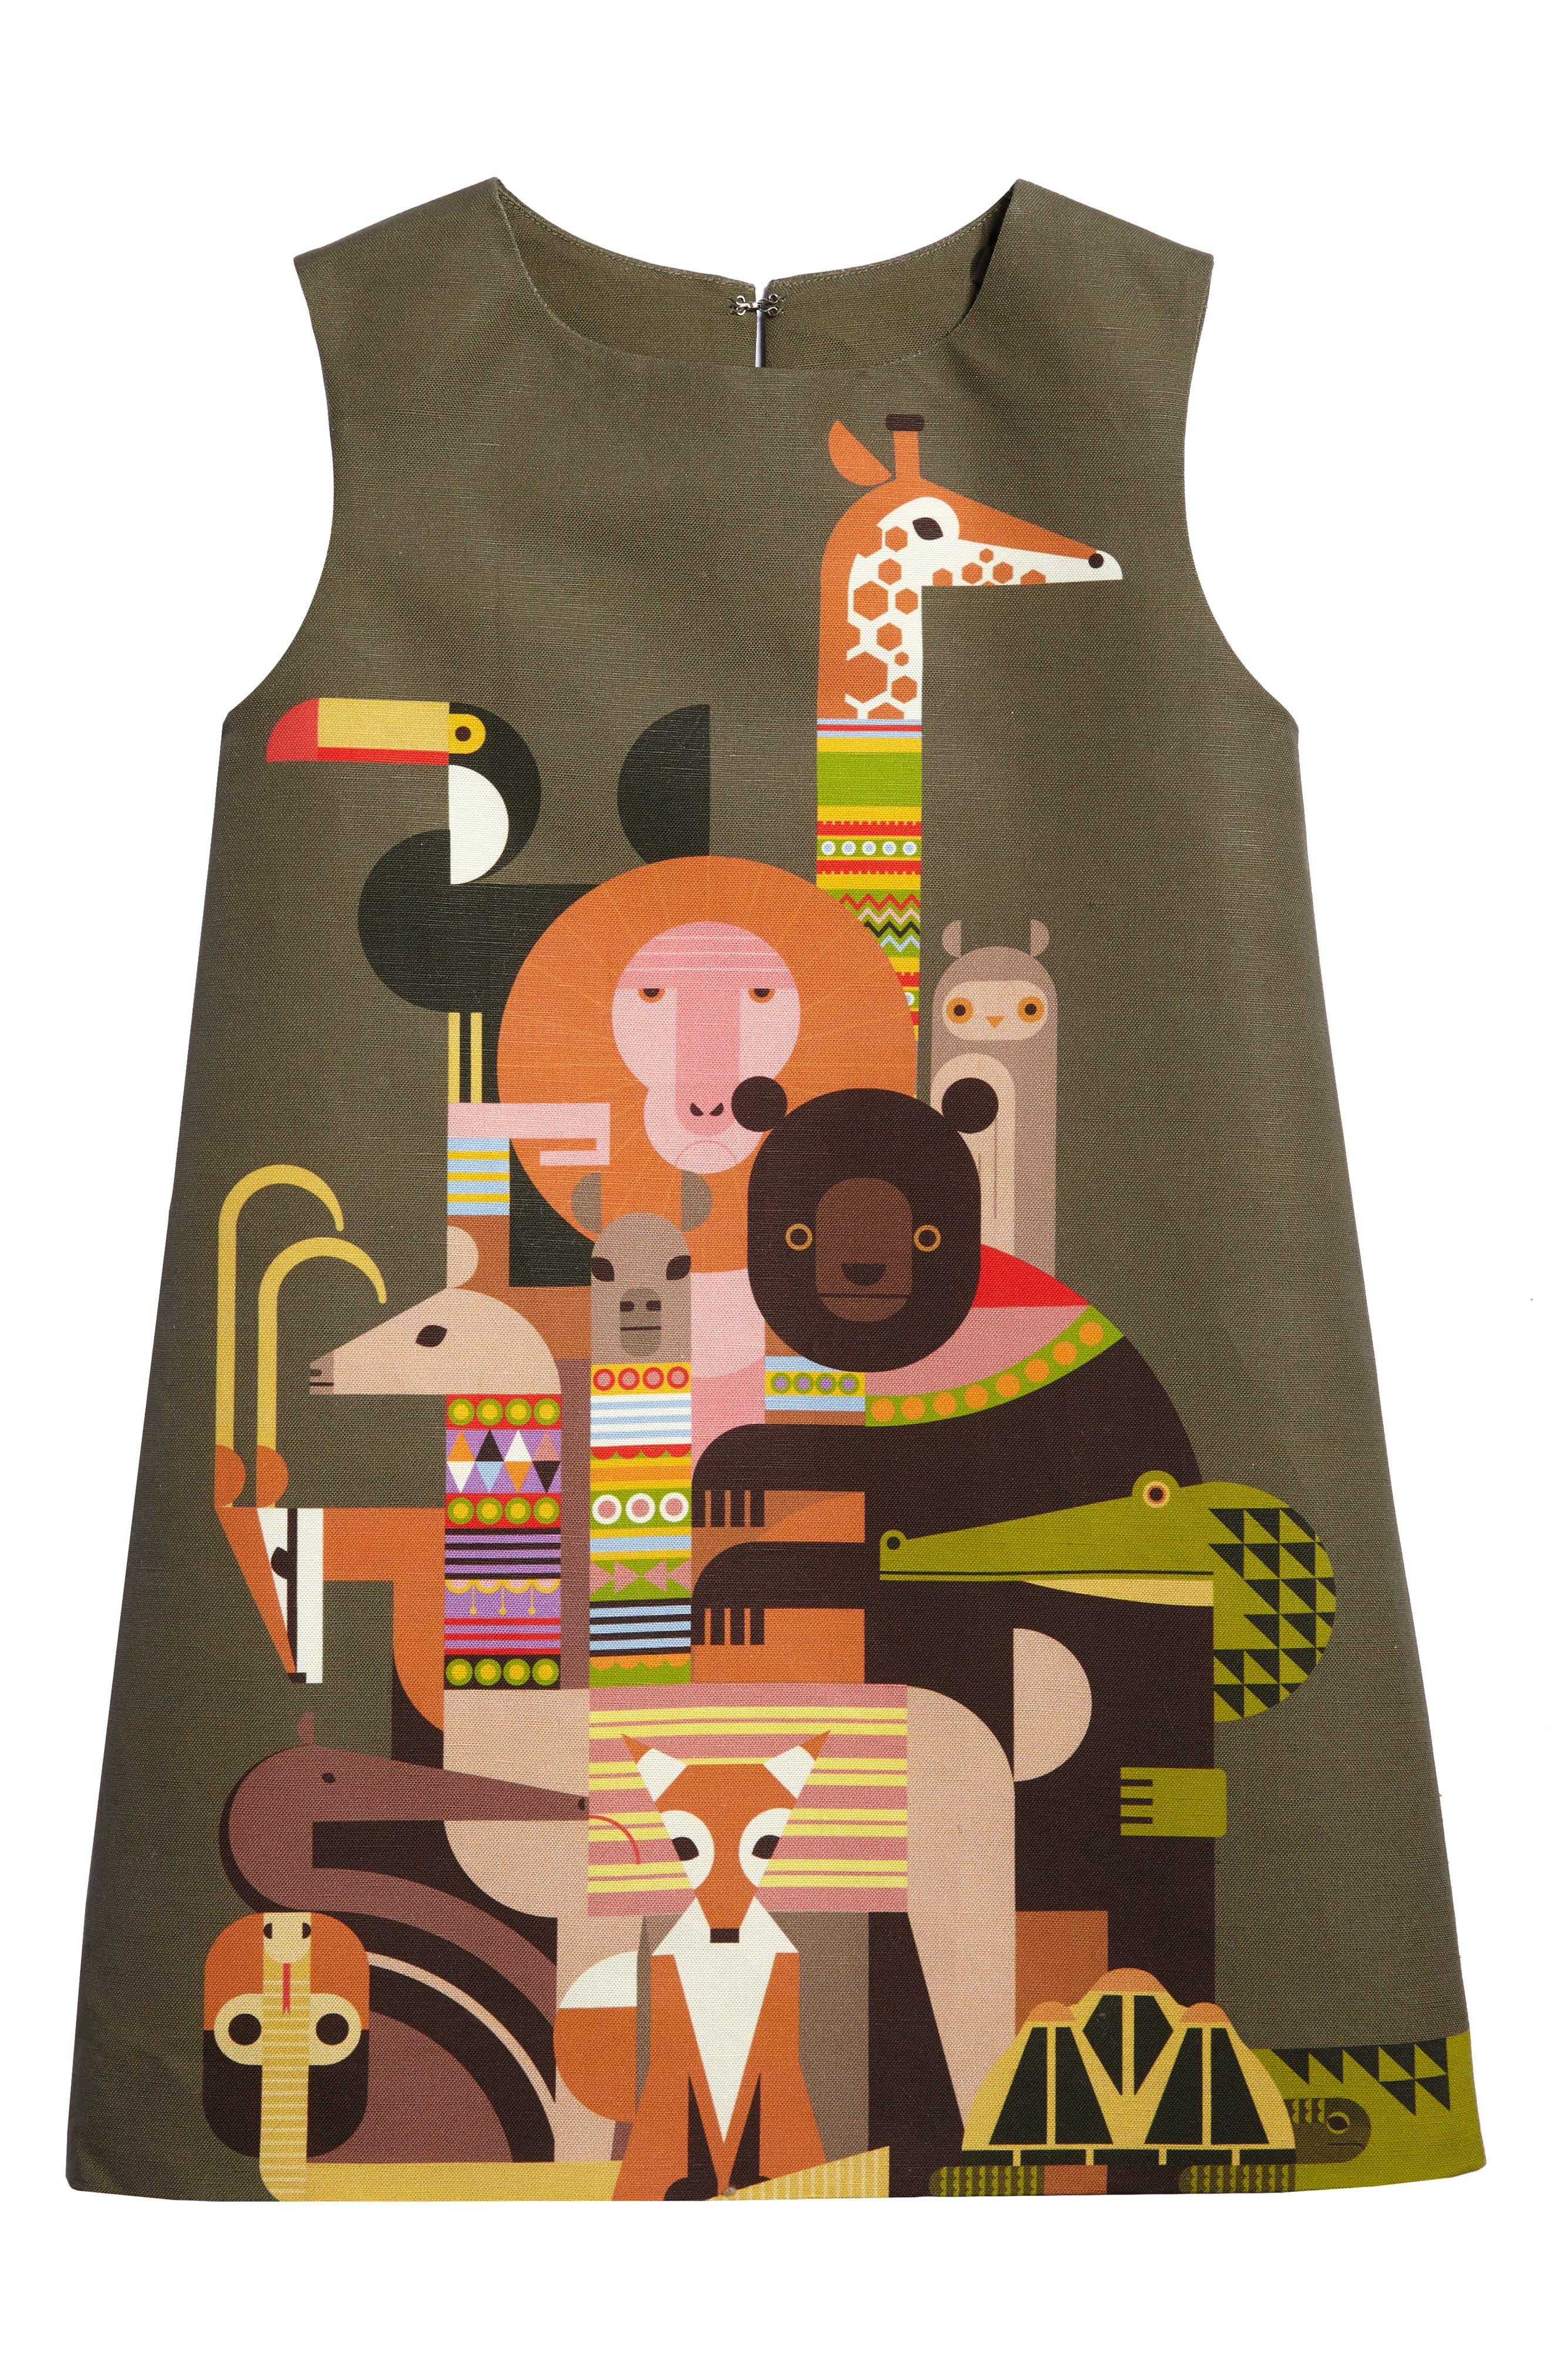 Menagerie A-Line Dress,                             Main thumbnail 1, color,                             300